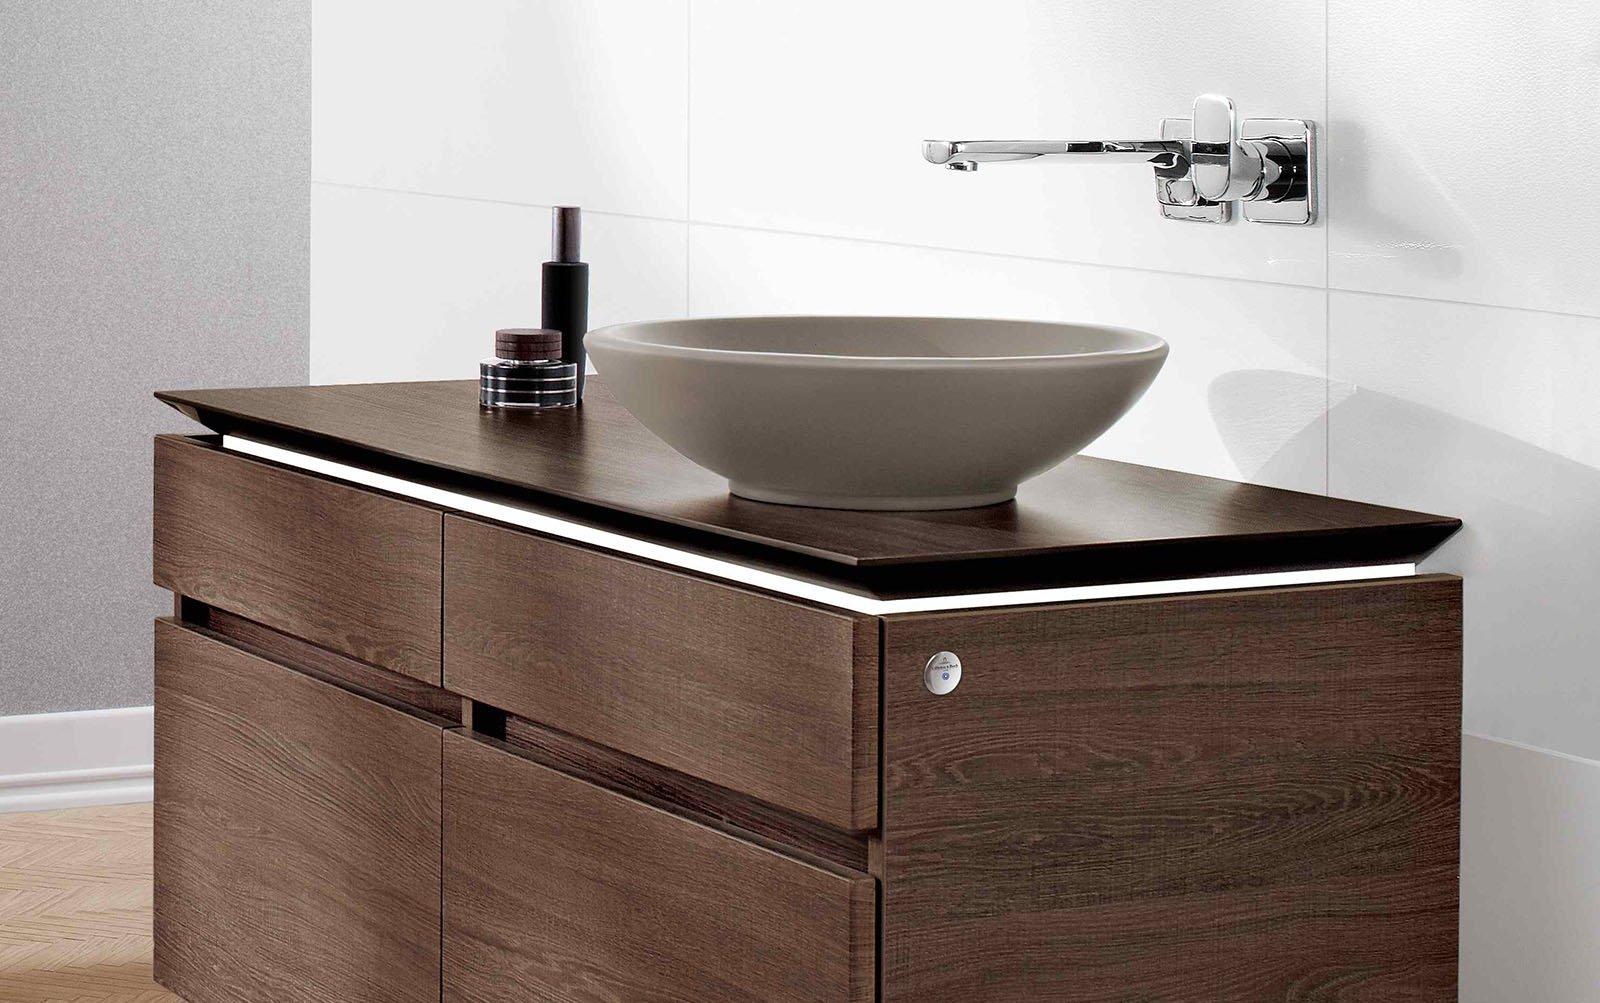 Lavabo a bacinella dappoggio Timber CeramicPlus di Villeroy & Boch ...